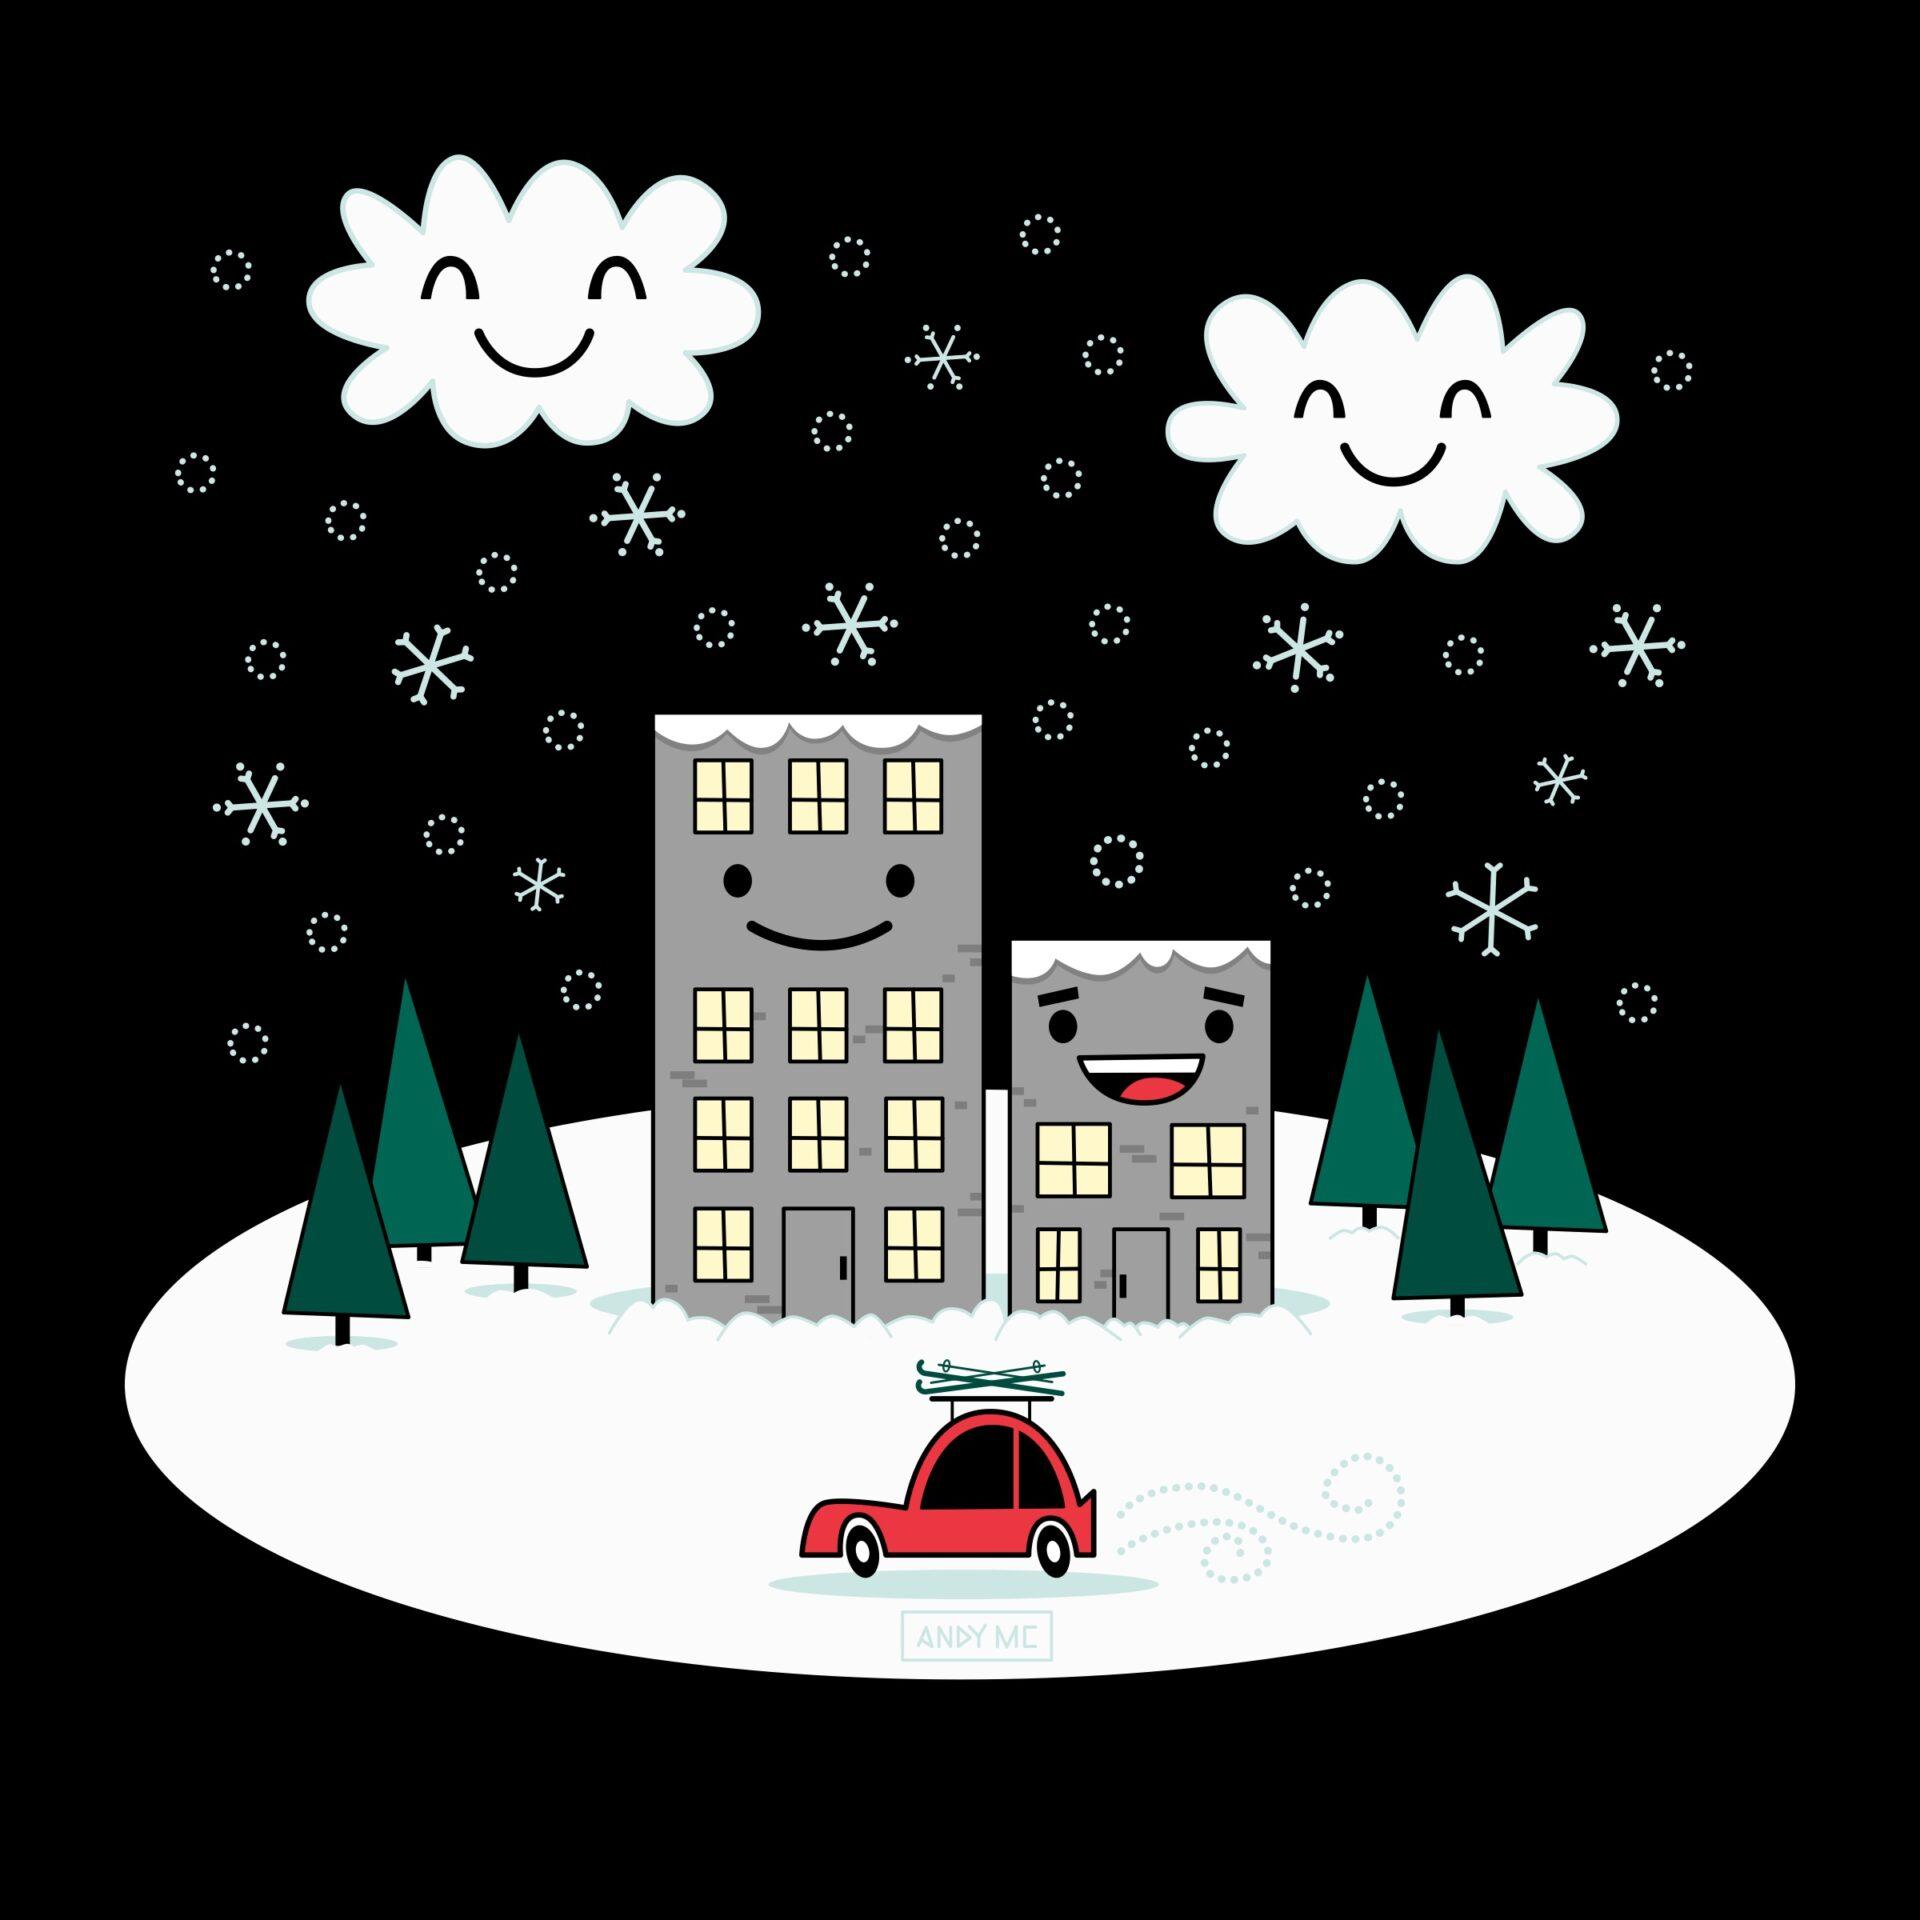 Kawaii Winter Town illustration